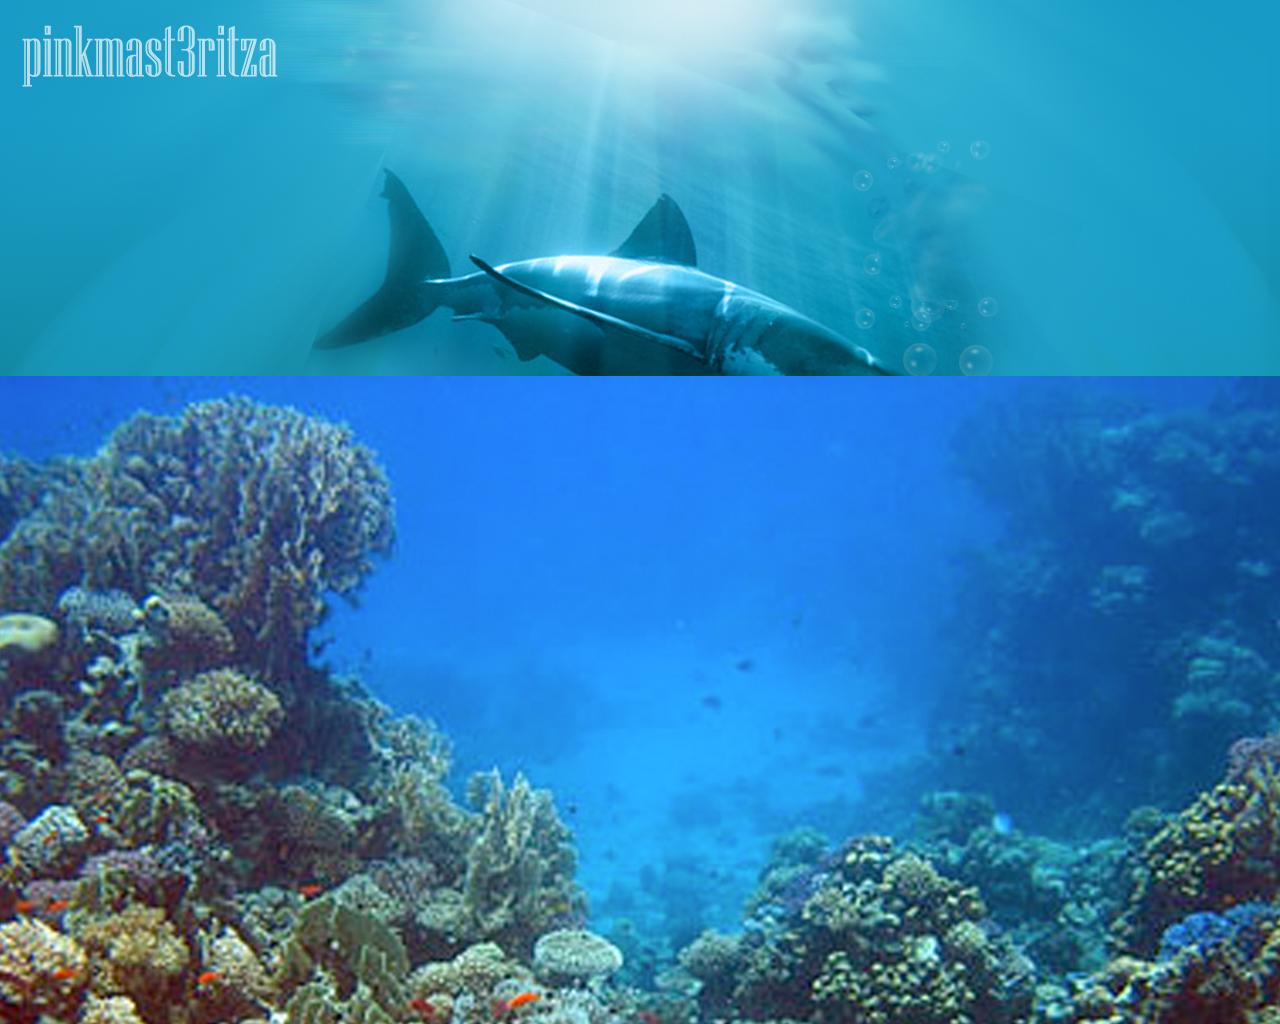 underwater scene photoshop tutorial